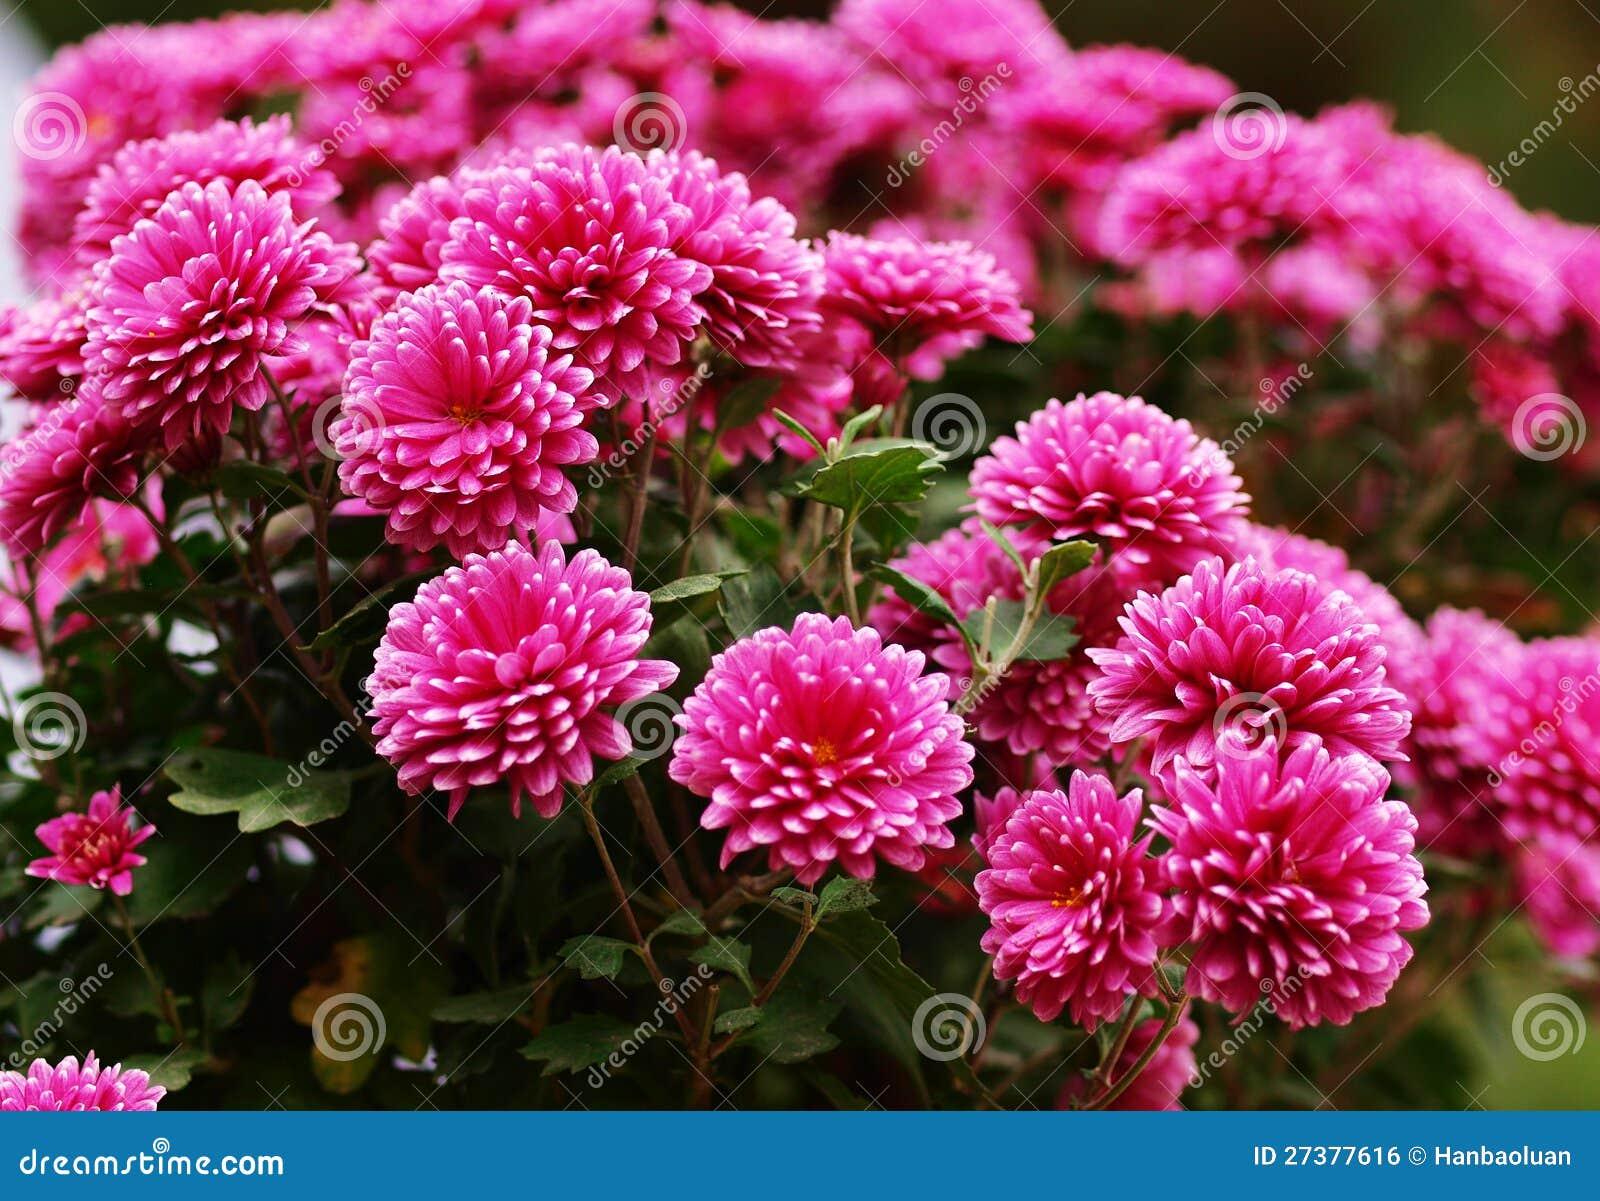 chrysanthemum royalty free stock image image 27377616